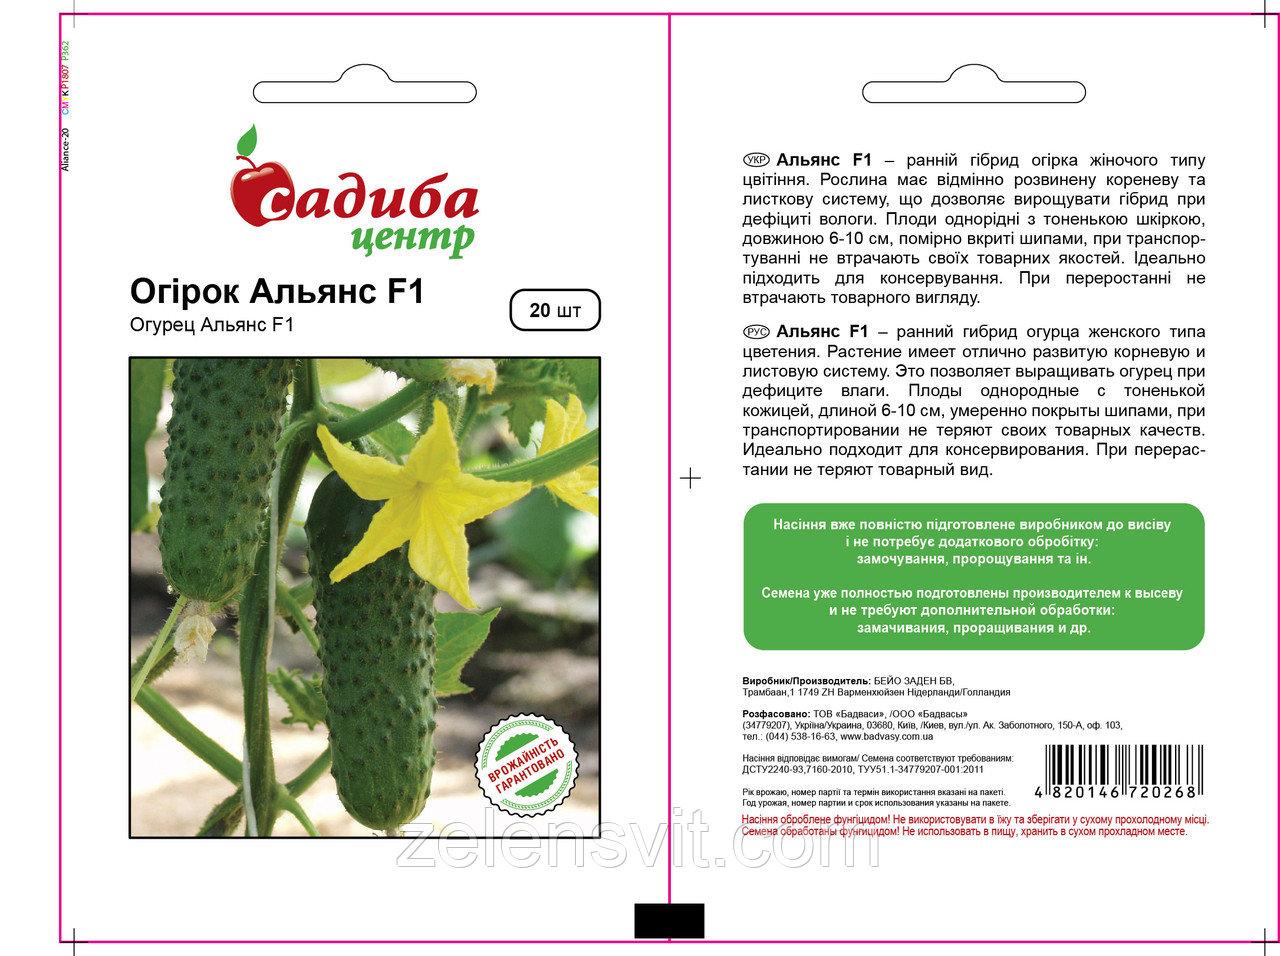 Посадка и выращивание сорта огурцов «альянс f1»